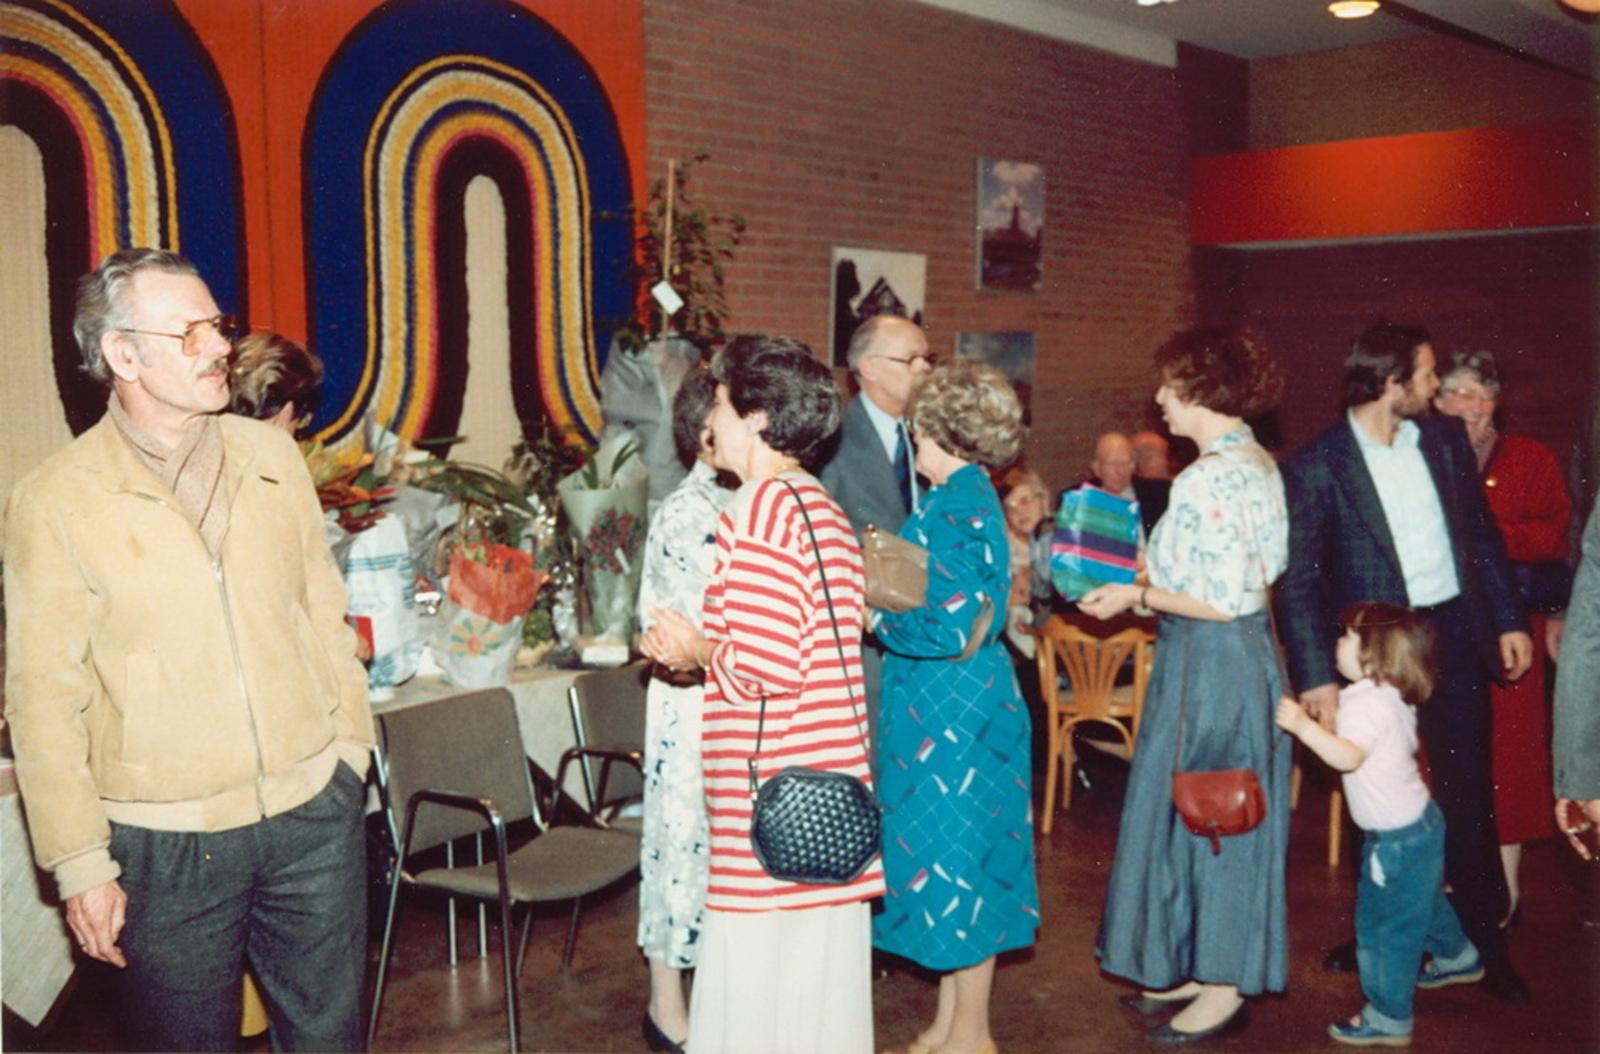 Marktlaan O 0022 1988 Sigarenboer Kraak 50jr Jub en Sluiting 56